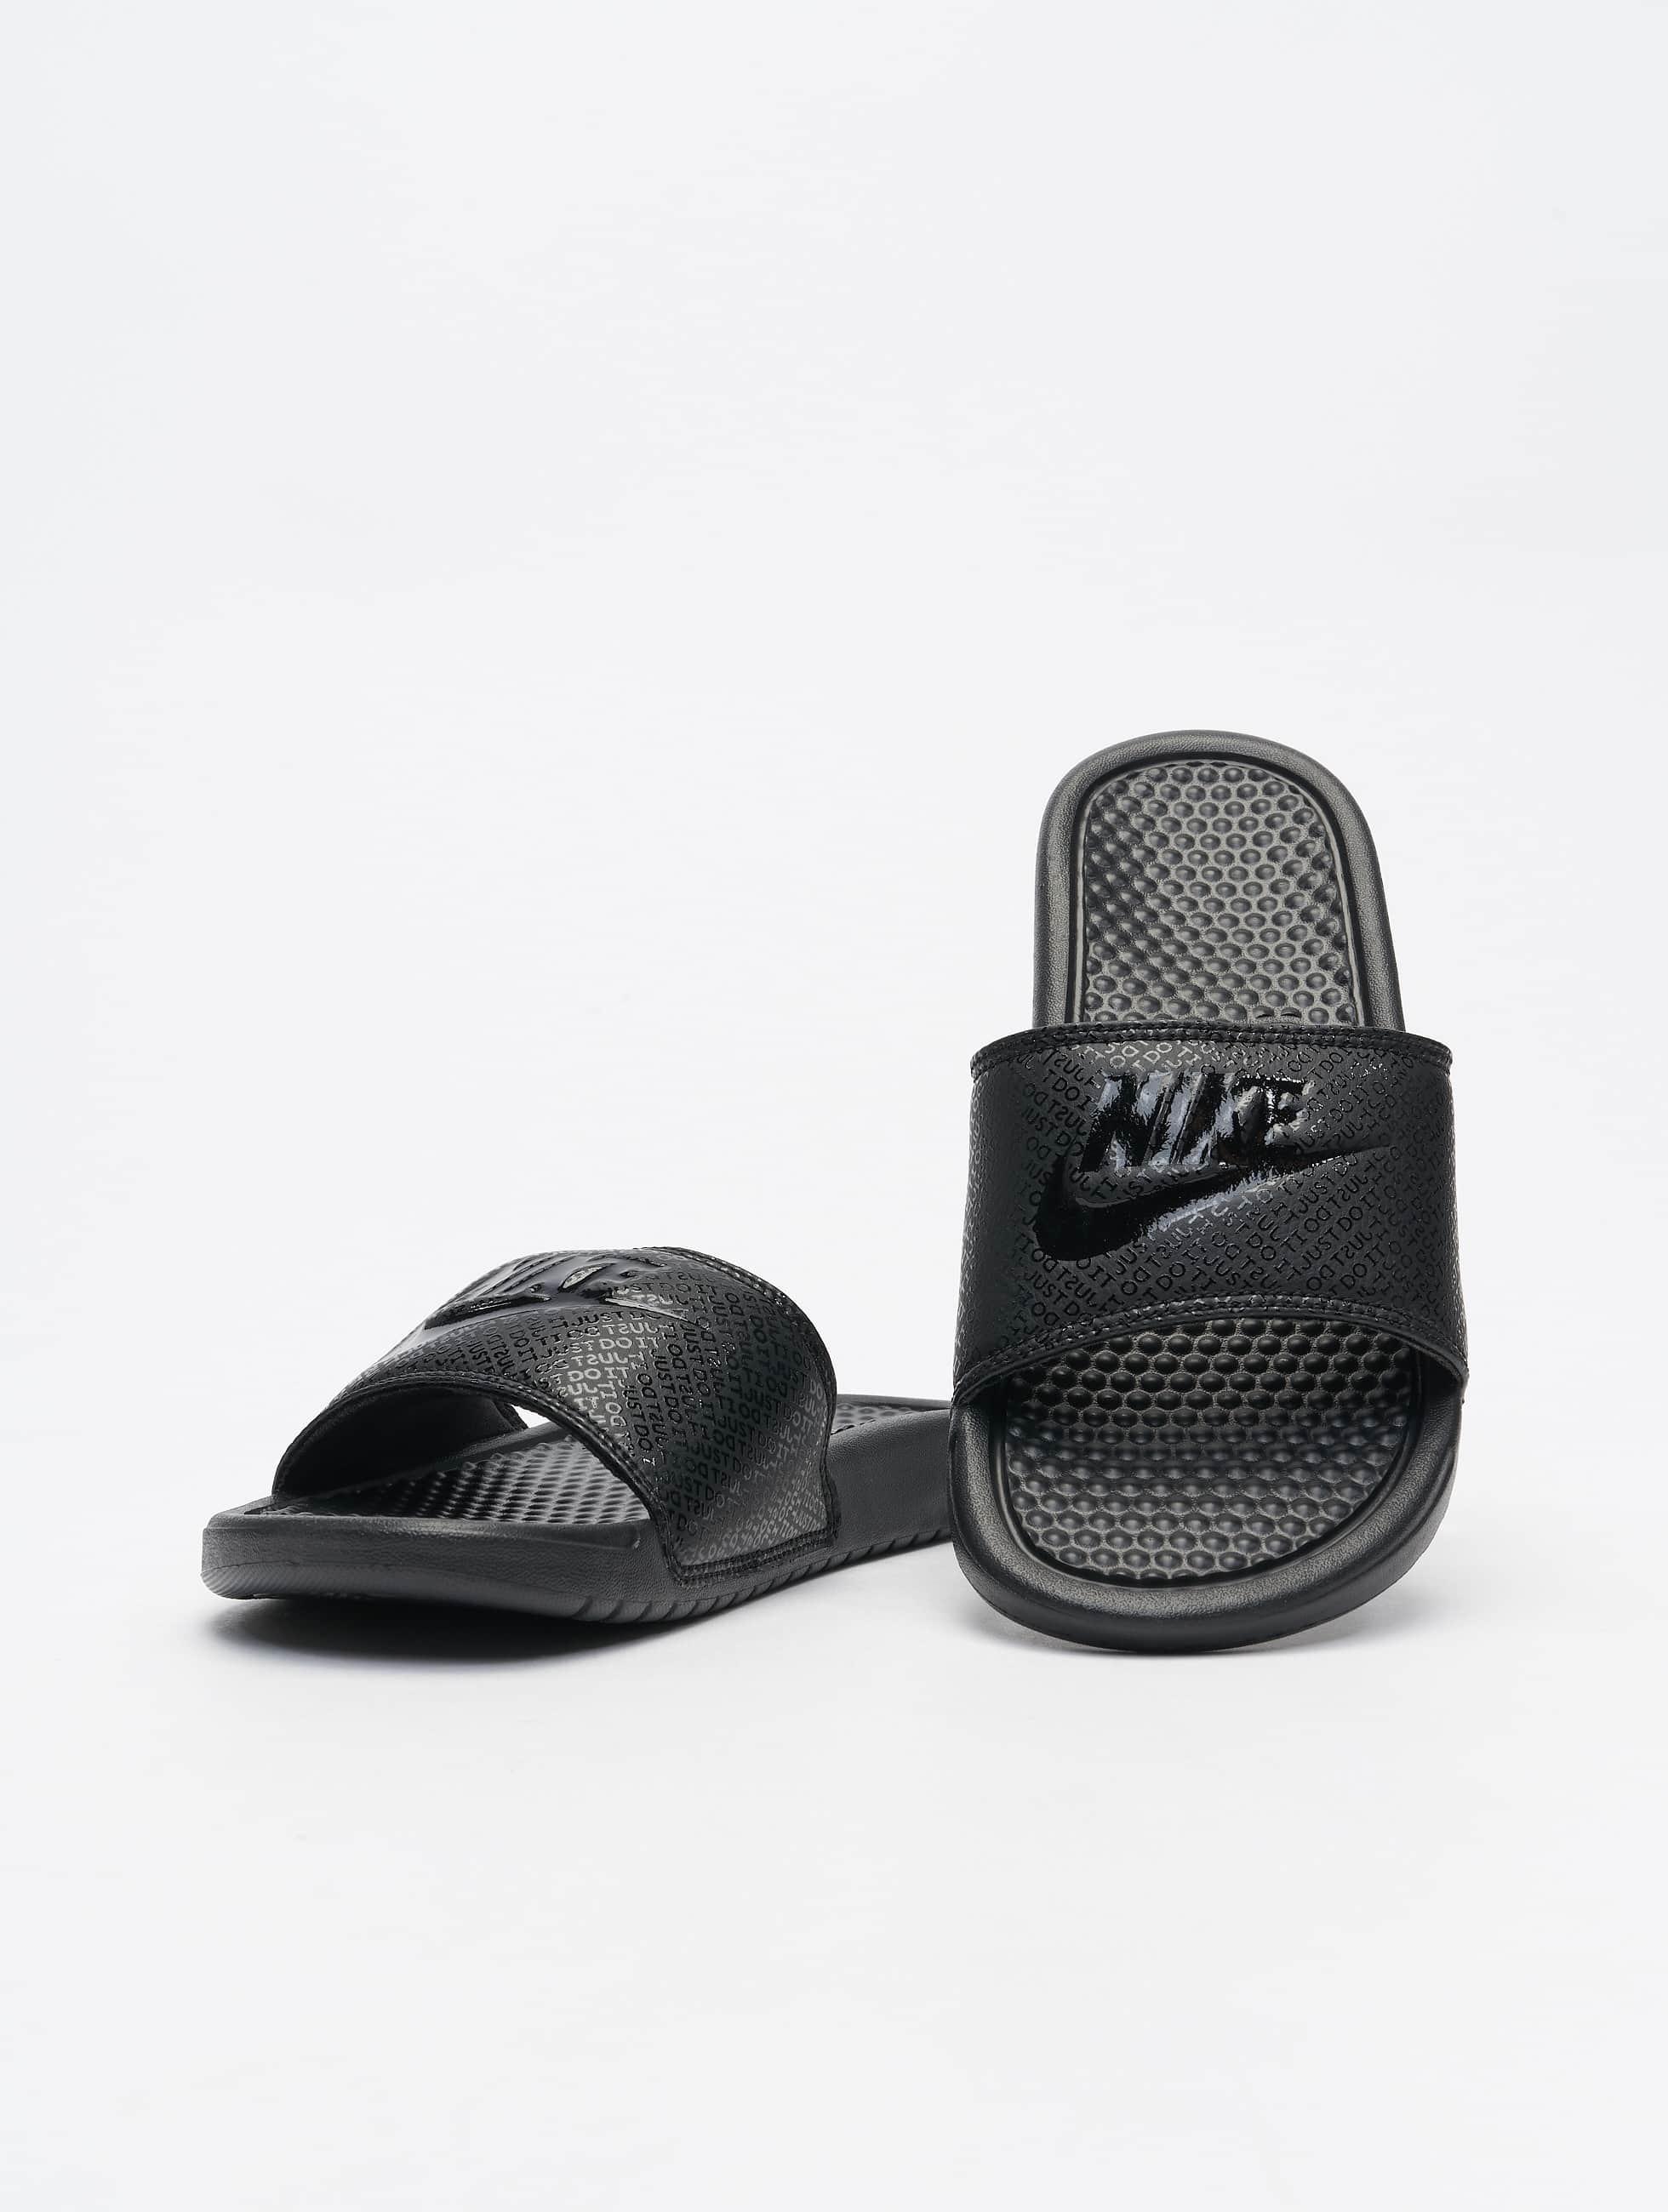 Benassi Nike Benassi Sandals Blackblackblack Jdi Sandals Jdi Nike NPXO08wnk